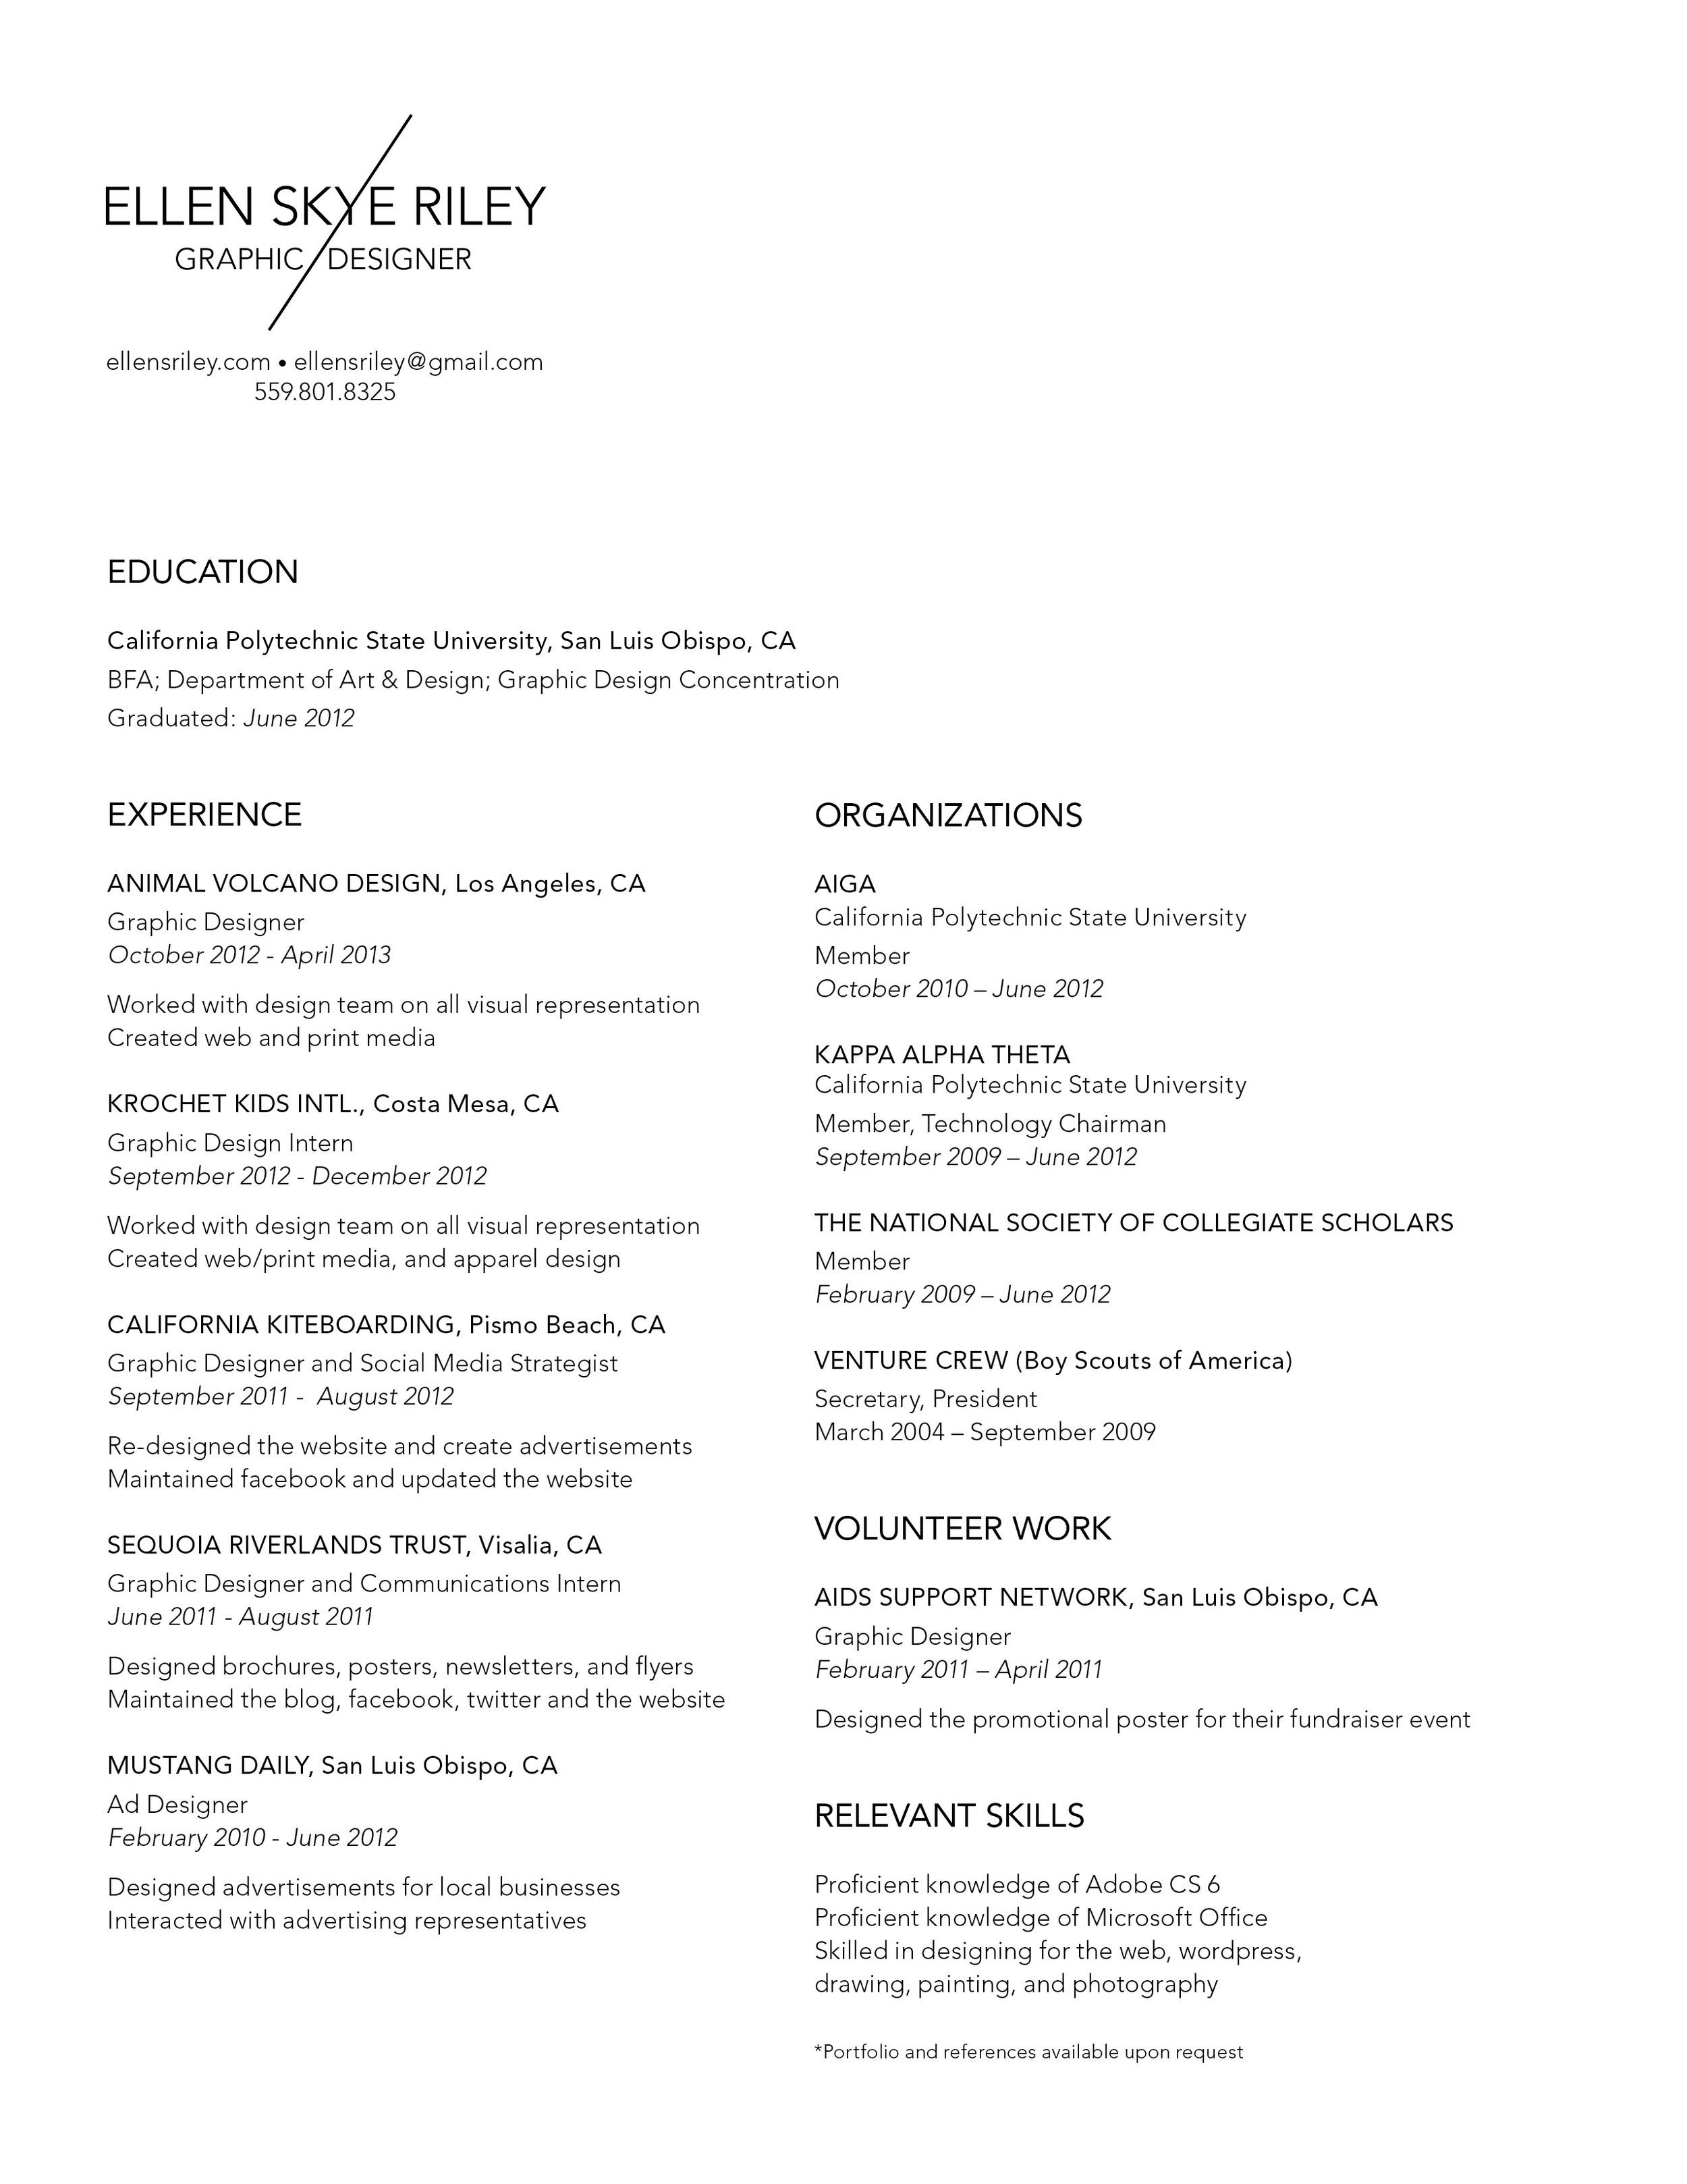 ellenriley-resume.jpg